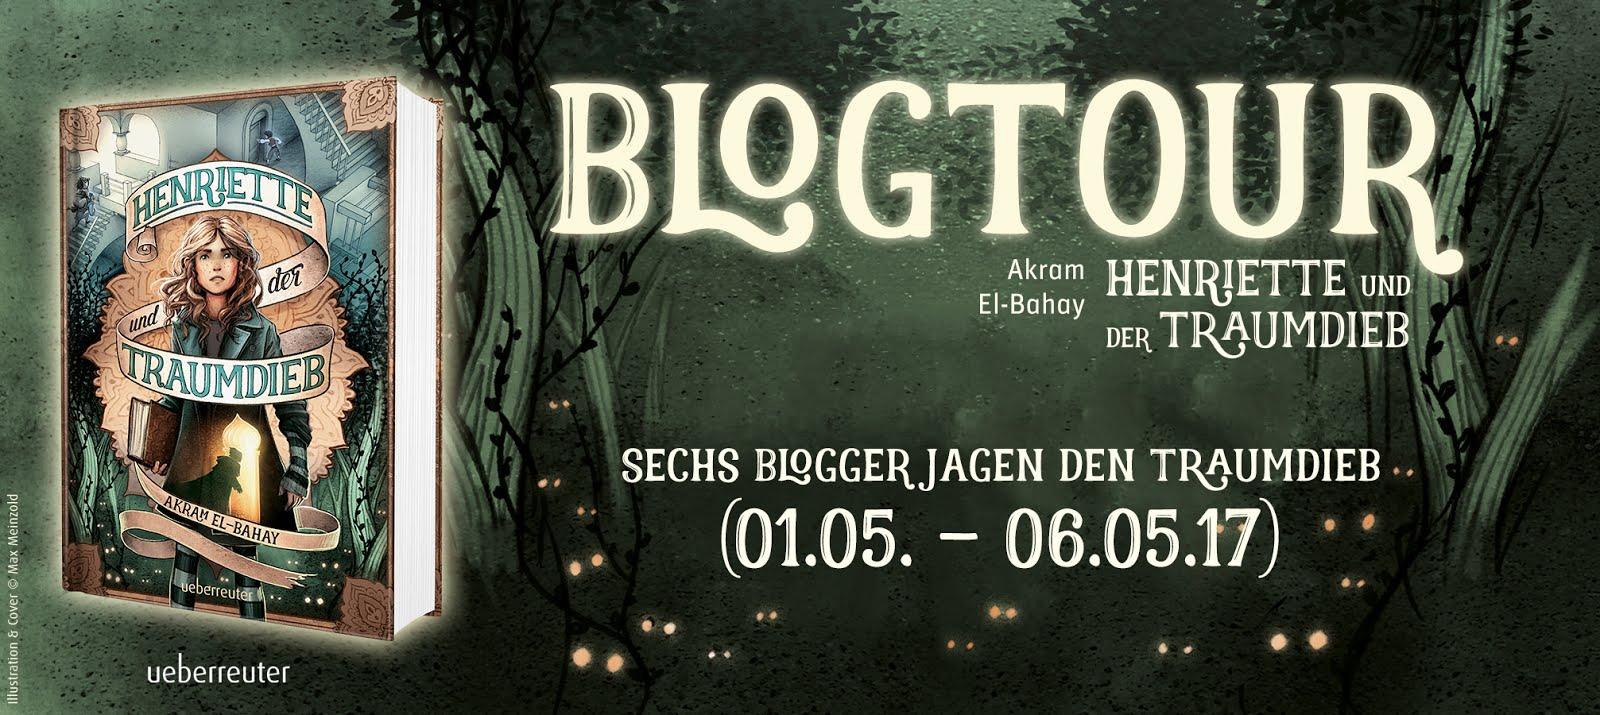 """Blogtour zu """"Henriette und der Traumdieb"""" von Akram El-Bahay ab dem 01.Mai"""